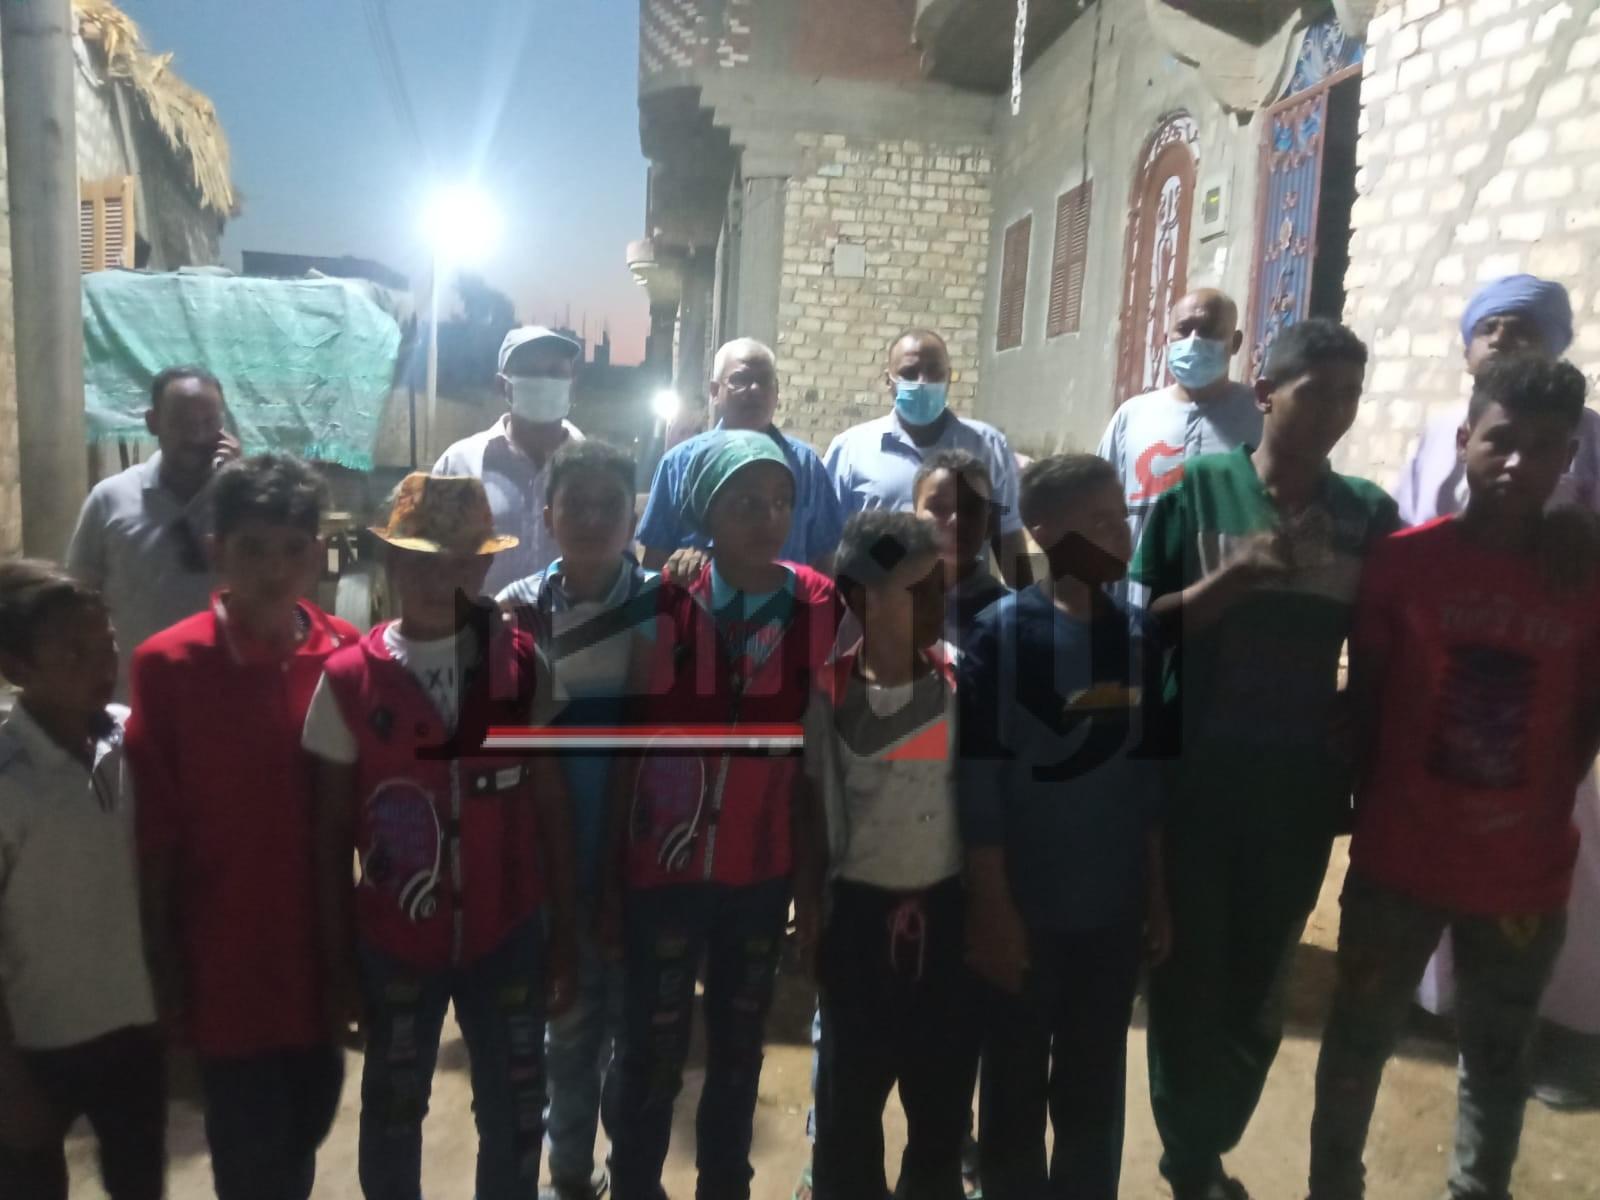 استجابة لـ أوان مصر.. تحرك رسمي بشأن تعذيب أطفال بمزرعة في العوينات وإحالة الوضع للنيابة